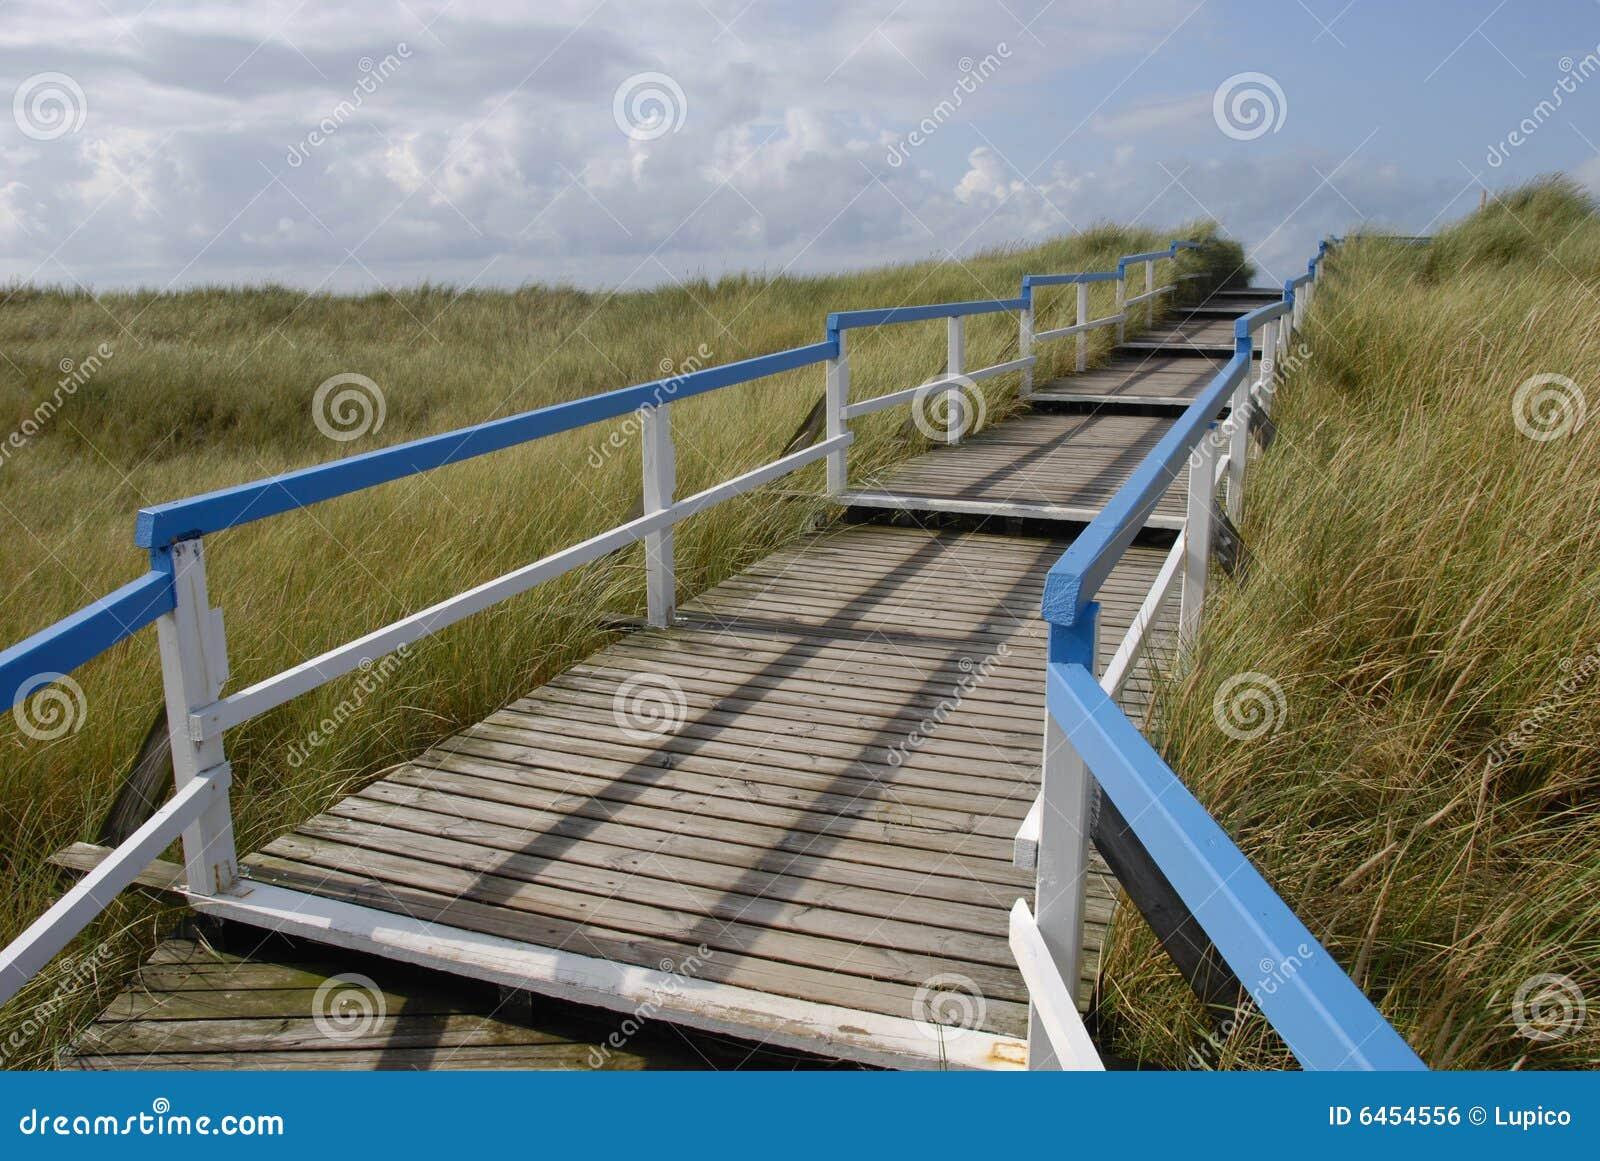 είσοδος παραλιών μέσω της διάβασης πεζών ξύλινης